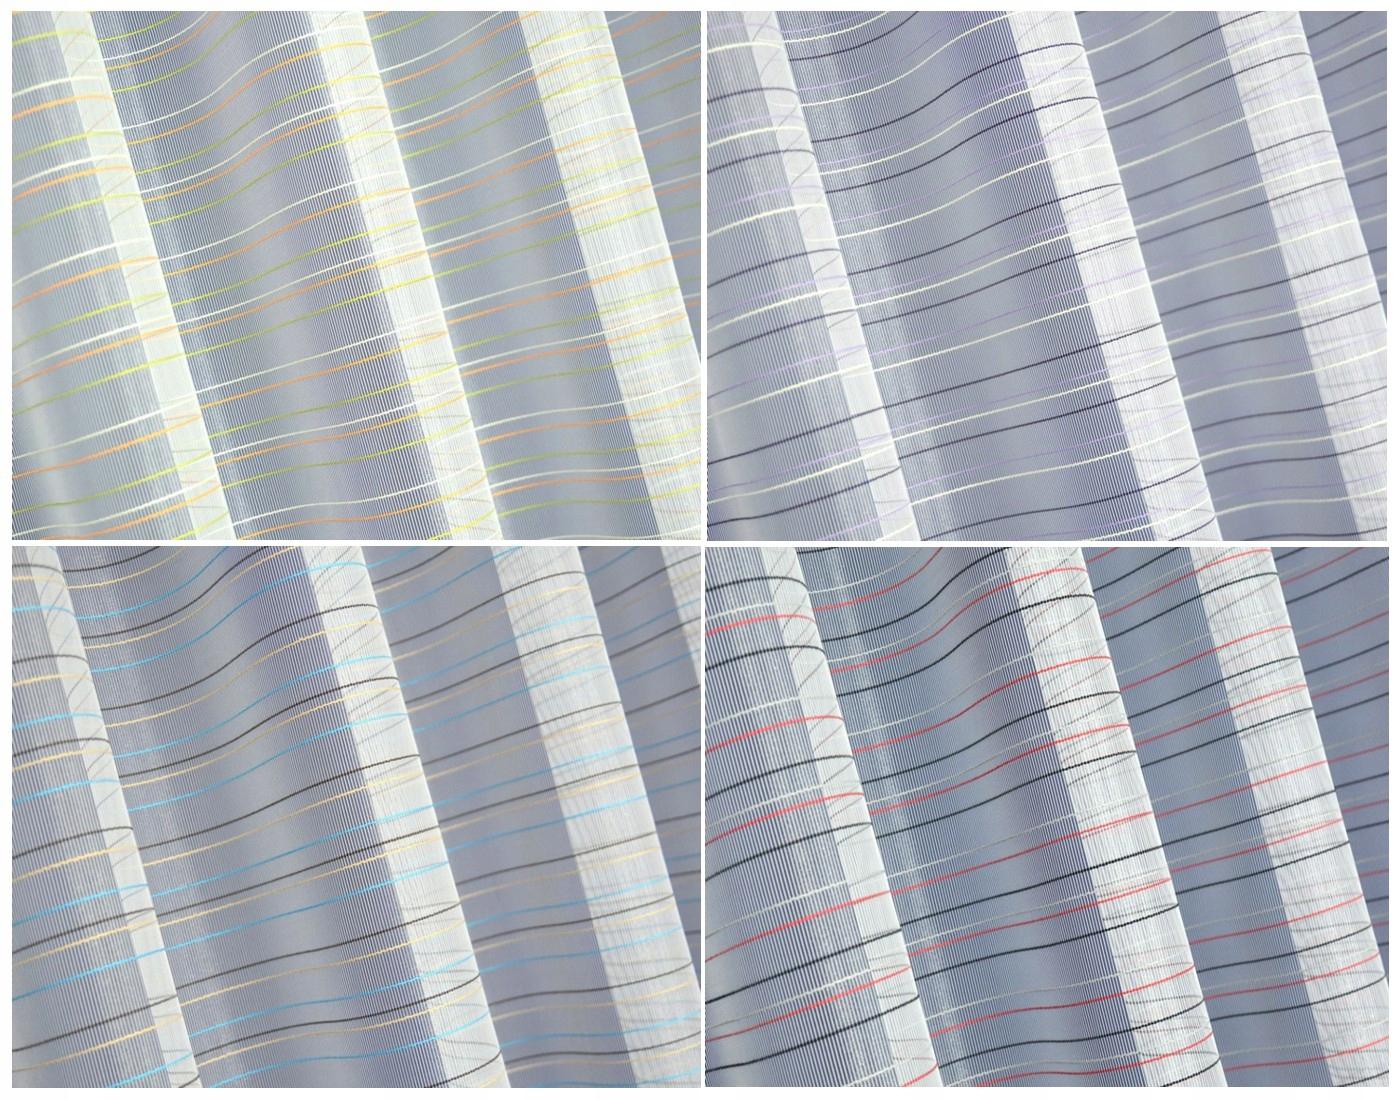 Kolorowe Nowoczesne Firany W Pasy Grif4kolory 3m